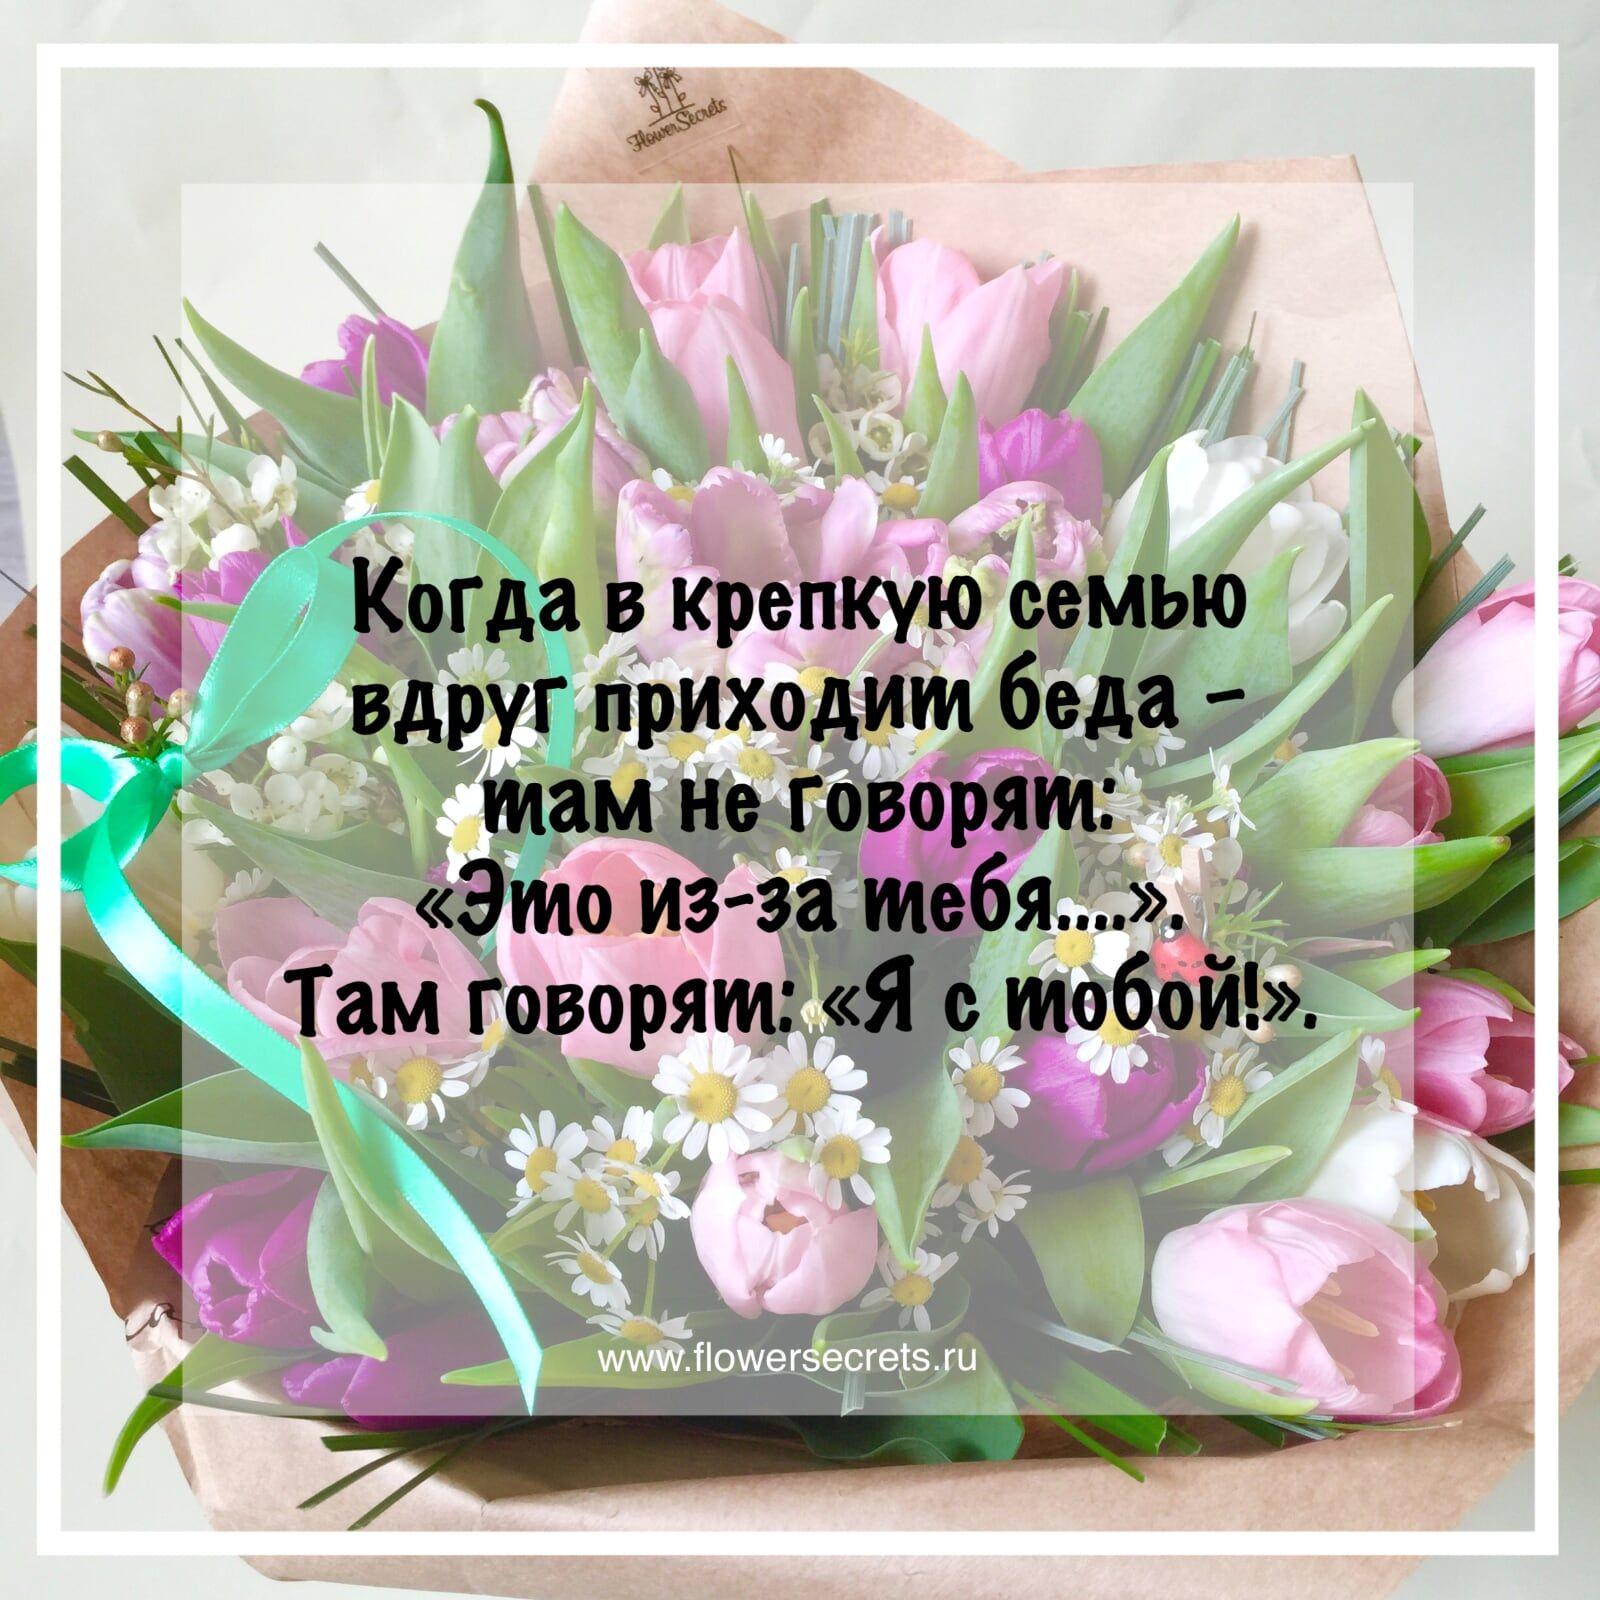 Цитаты или фразы о цветах